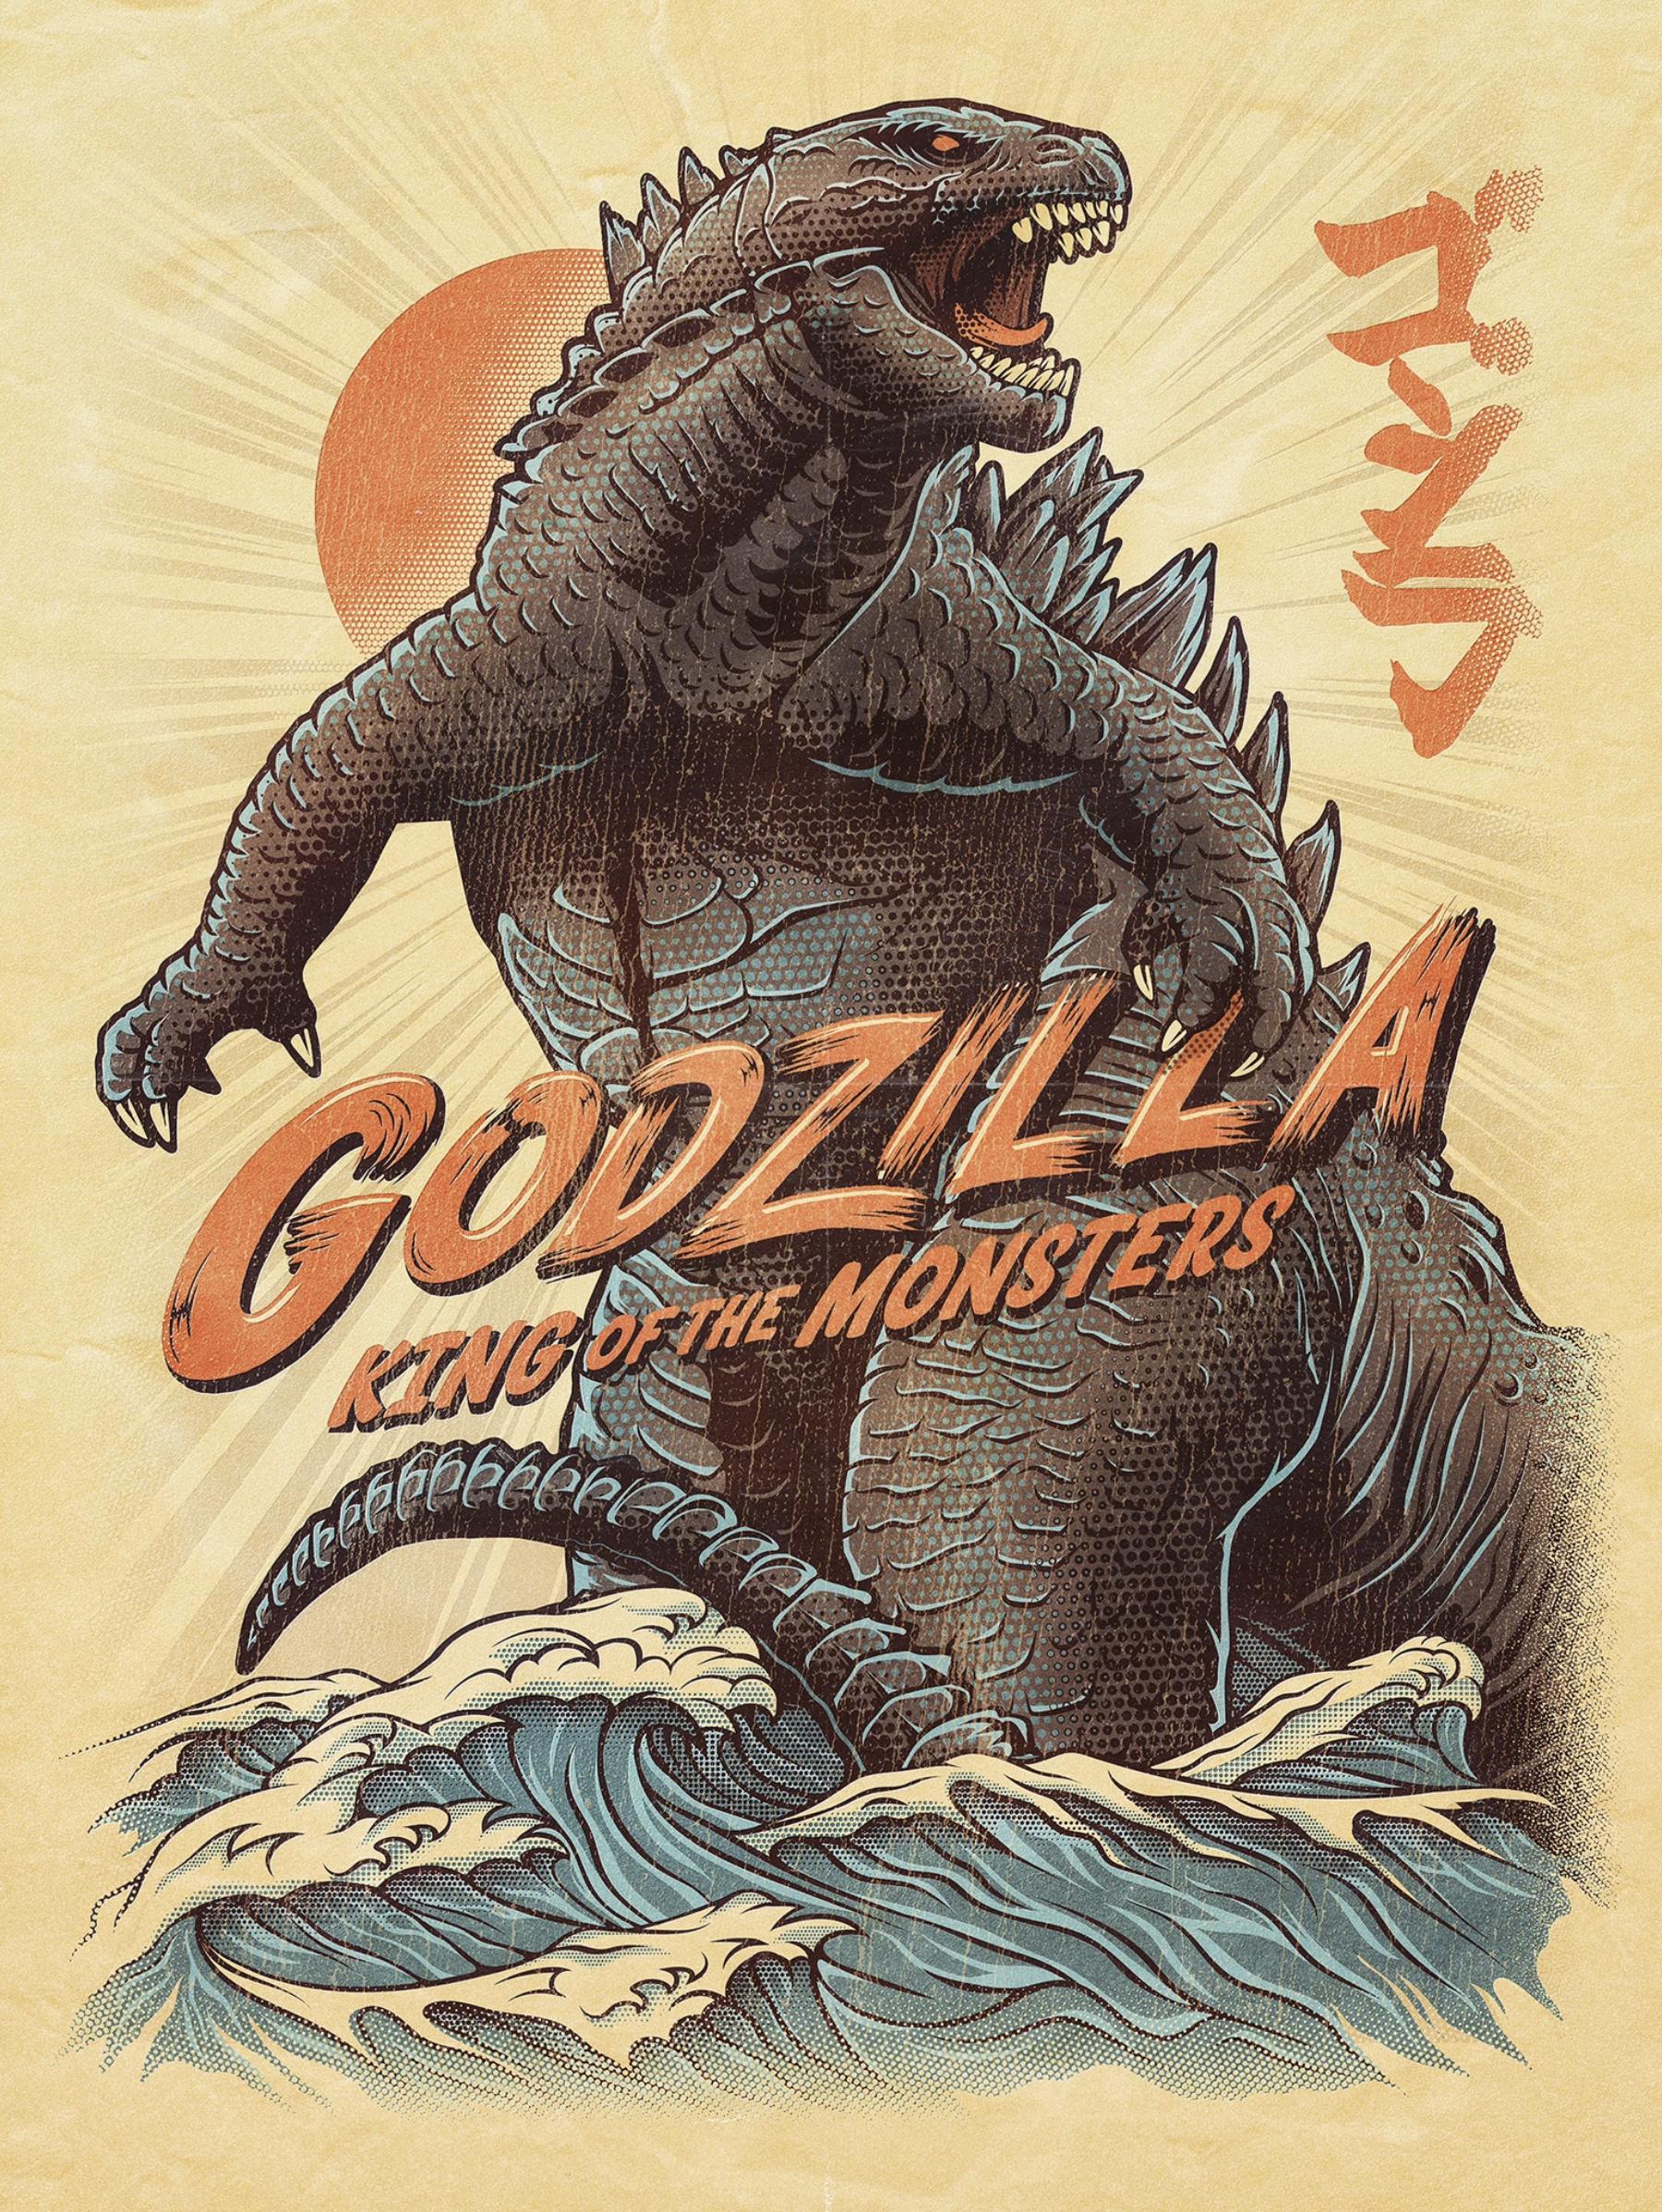 godzilla fan art by Joel Jensen